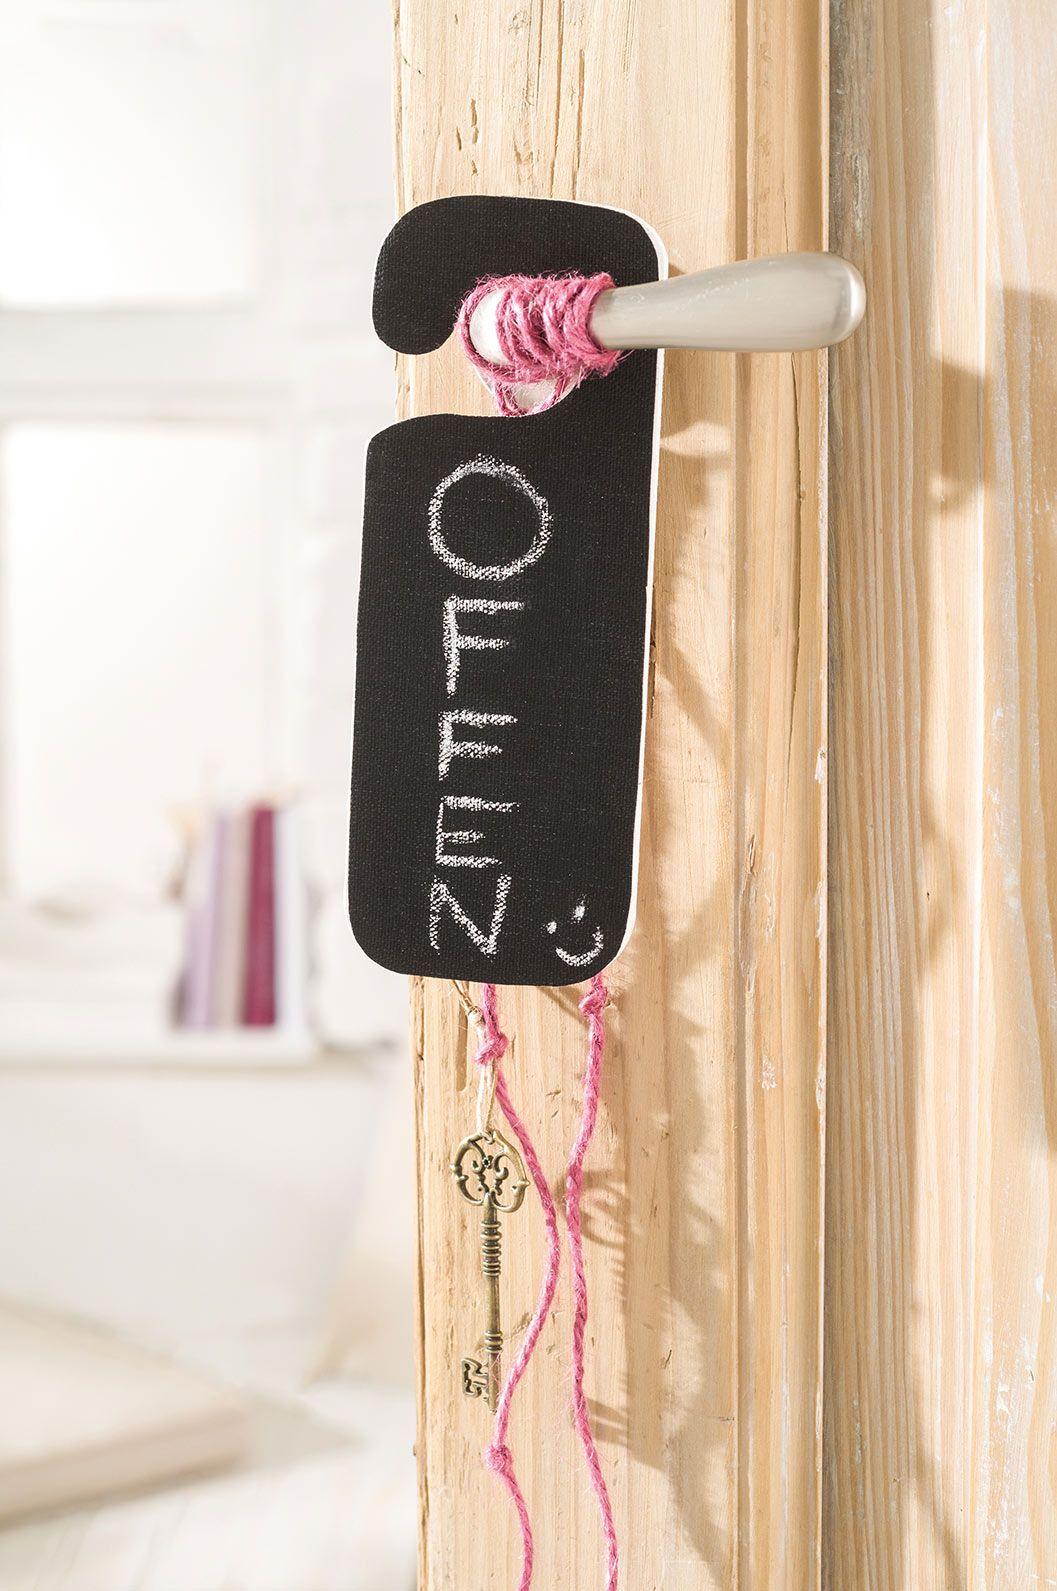 t rh nger mit tafelstoff idee mit anleitung klick auf besuchen basteln f rs zuhause. Black Bedroom Furniture Sets. Home Design Ideas